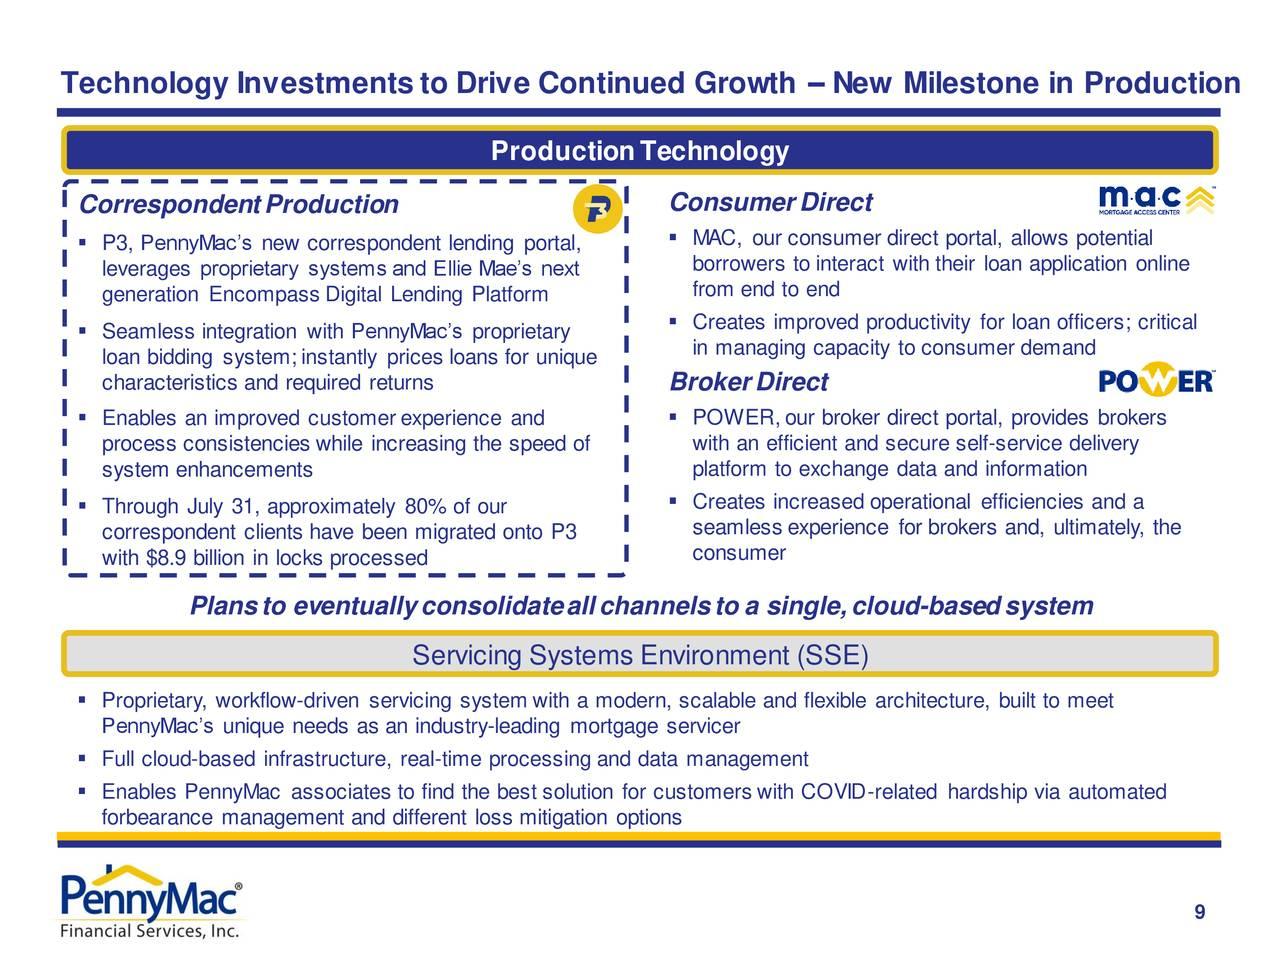 Inversiones en tecnología para impulsar el crecimiento continuo: nuevo hito en la producción